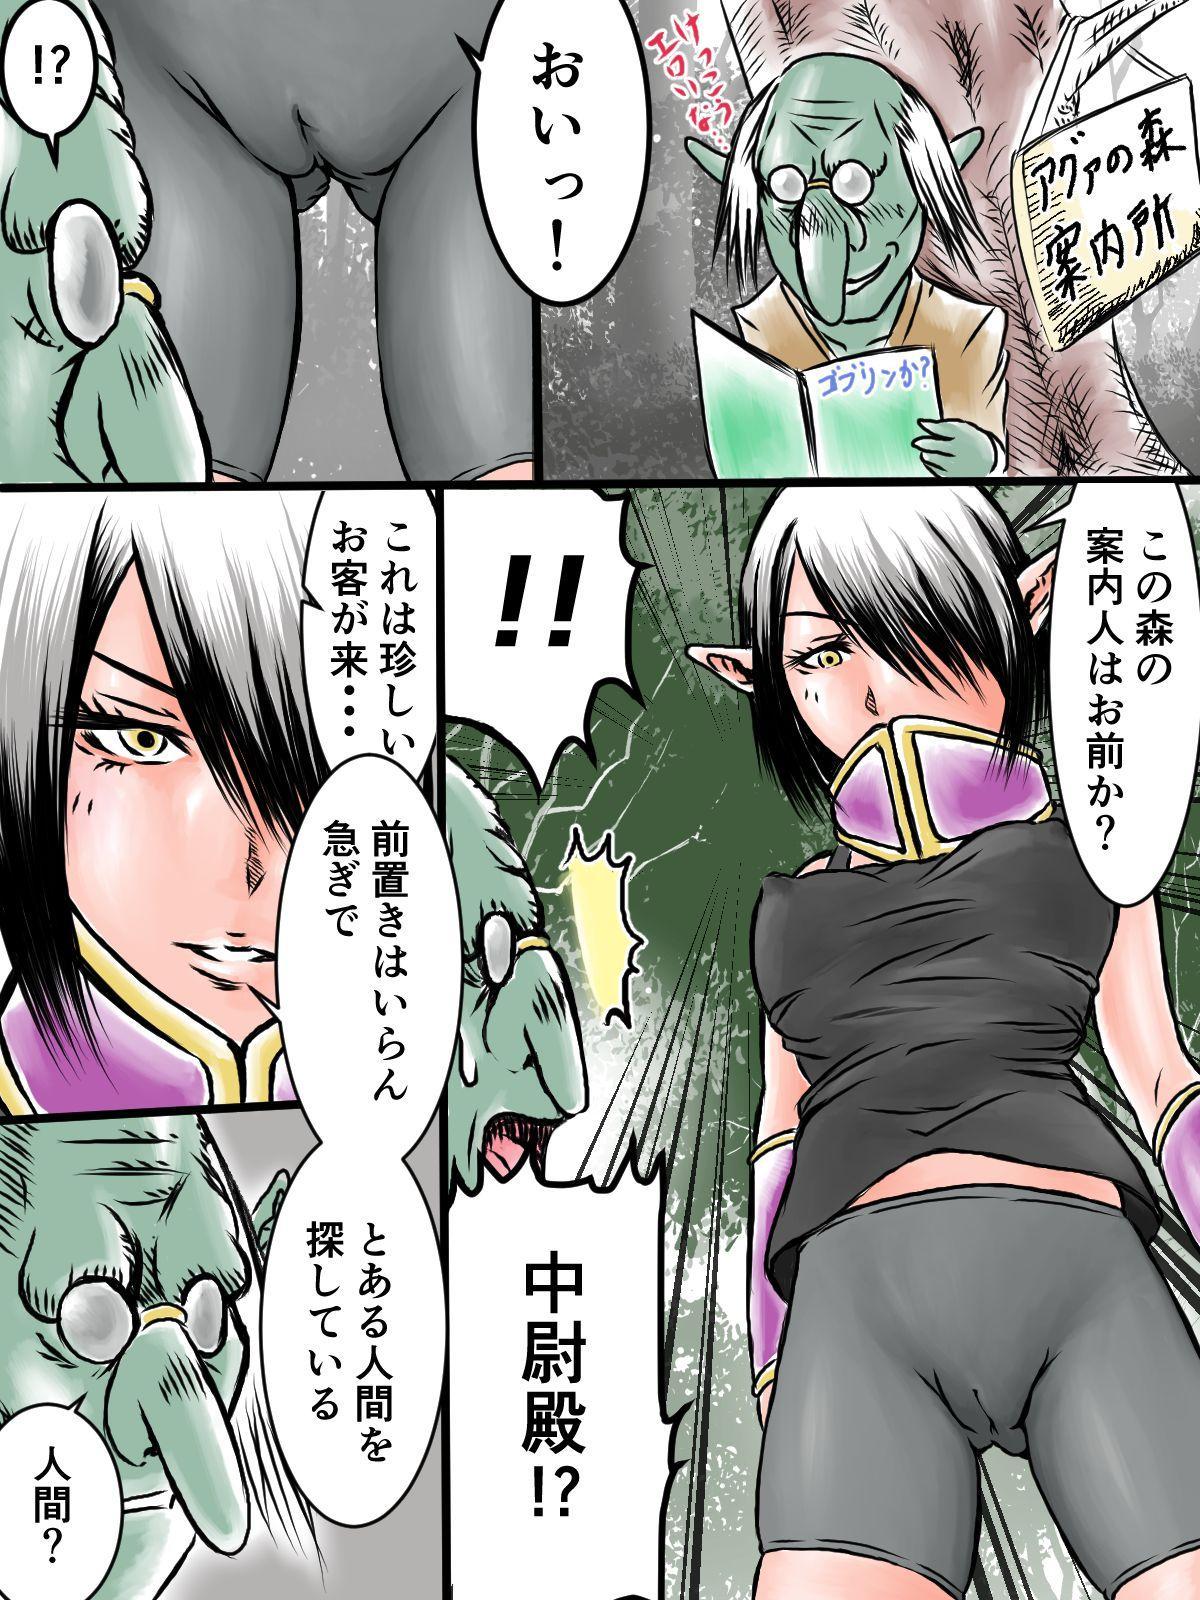 見習い魔導師ちゃん 15